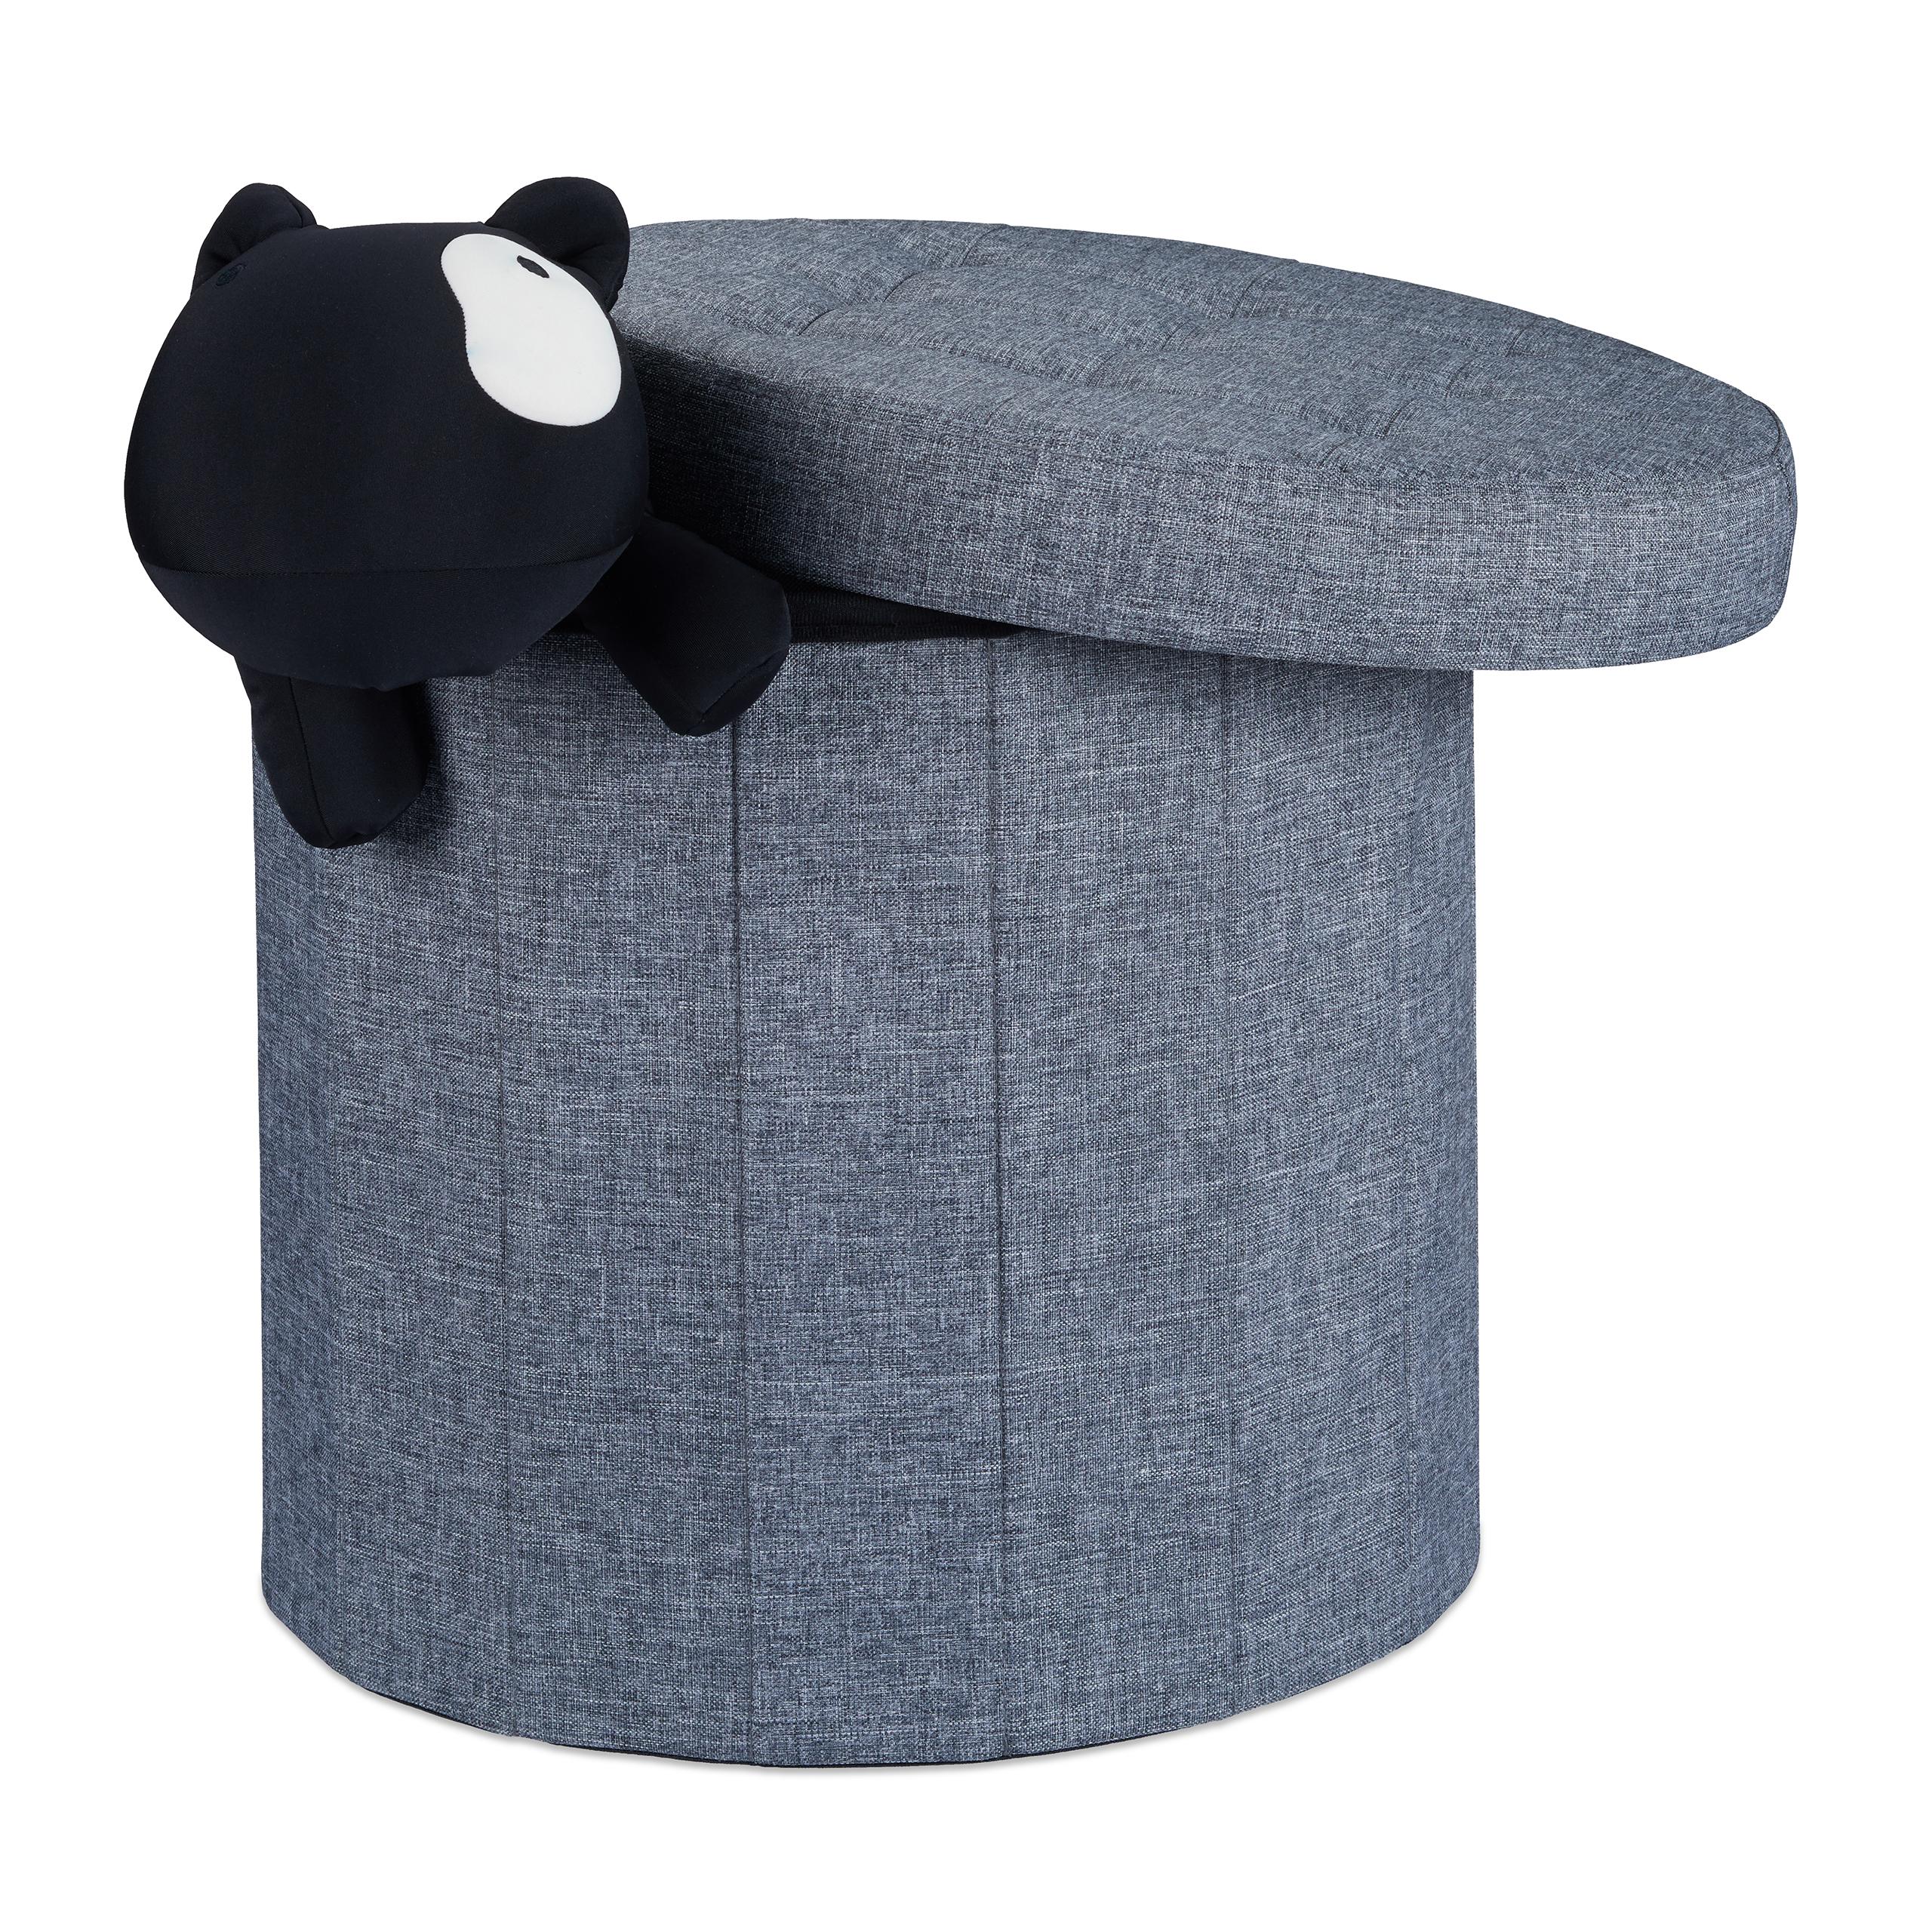 Brilliant Polsterhocker Mit Stauraum Beste Wahl Sitzhocker-mit-stauraum-groesse-l-rund-fusshocker-fussablage-